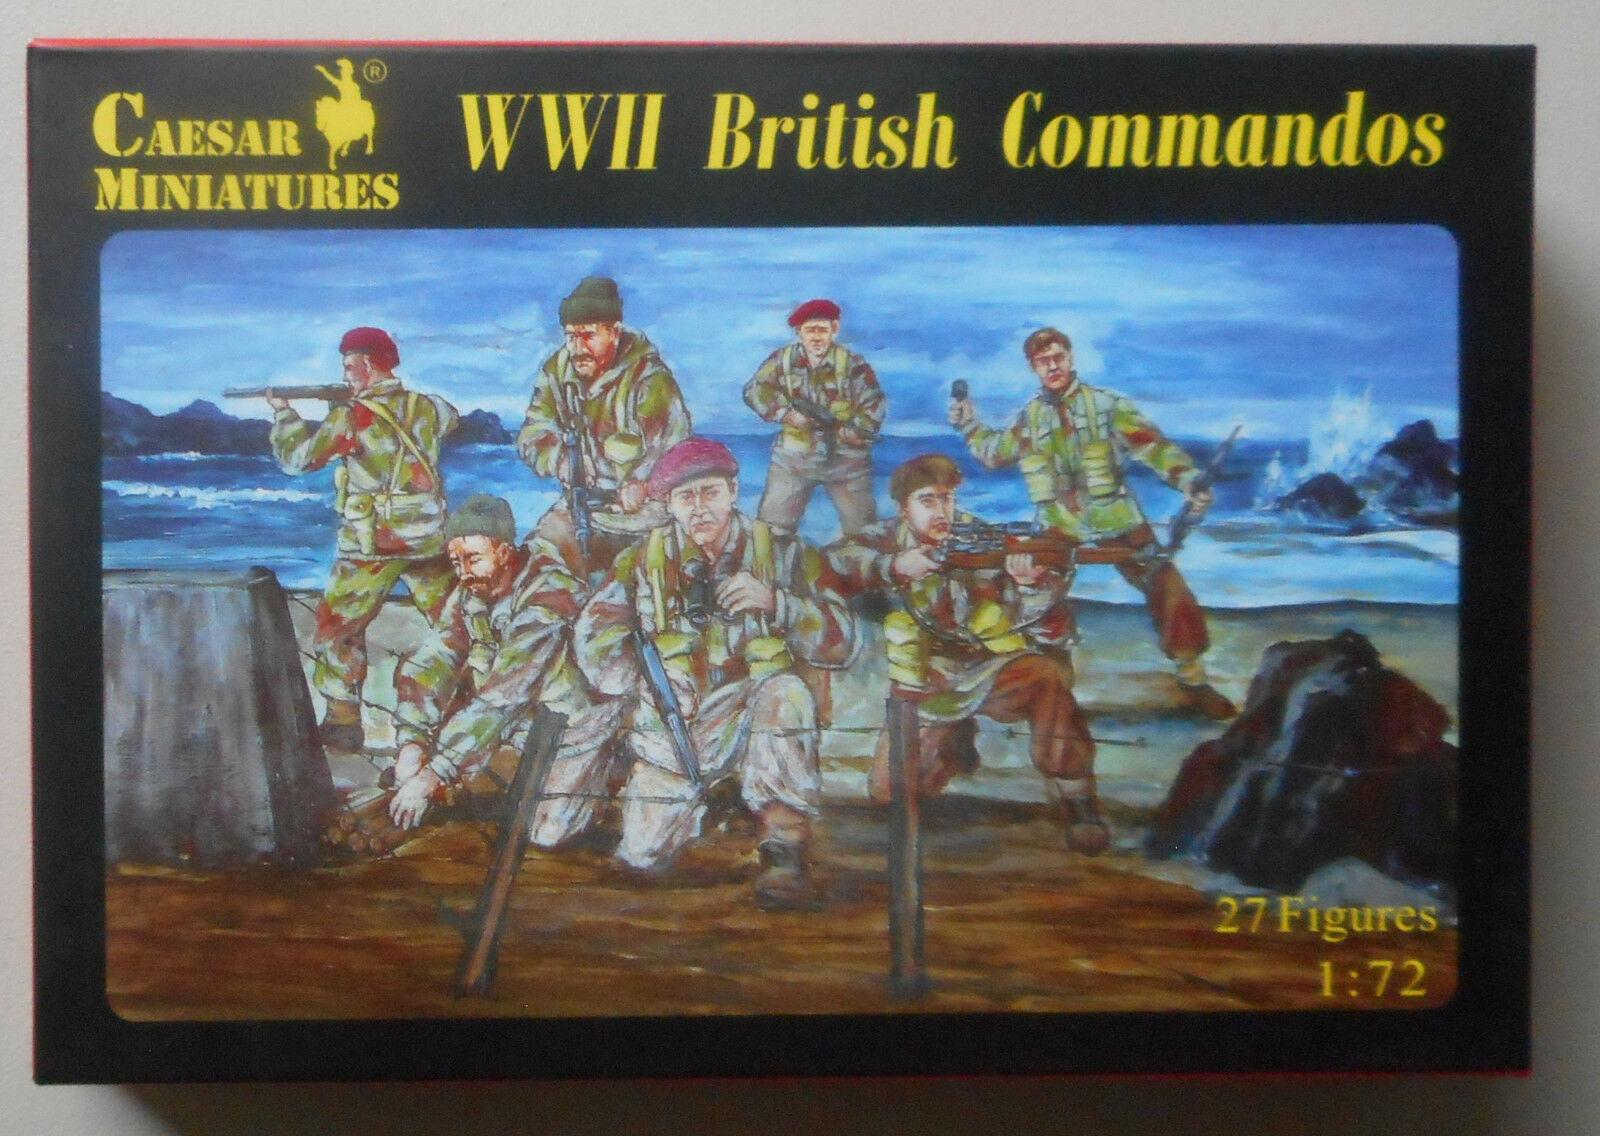 1/72 WWII BRITISH COMMANDOS CAESAR MINATURES 27 FIGURES HISTORY 73